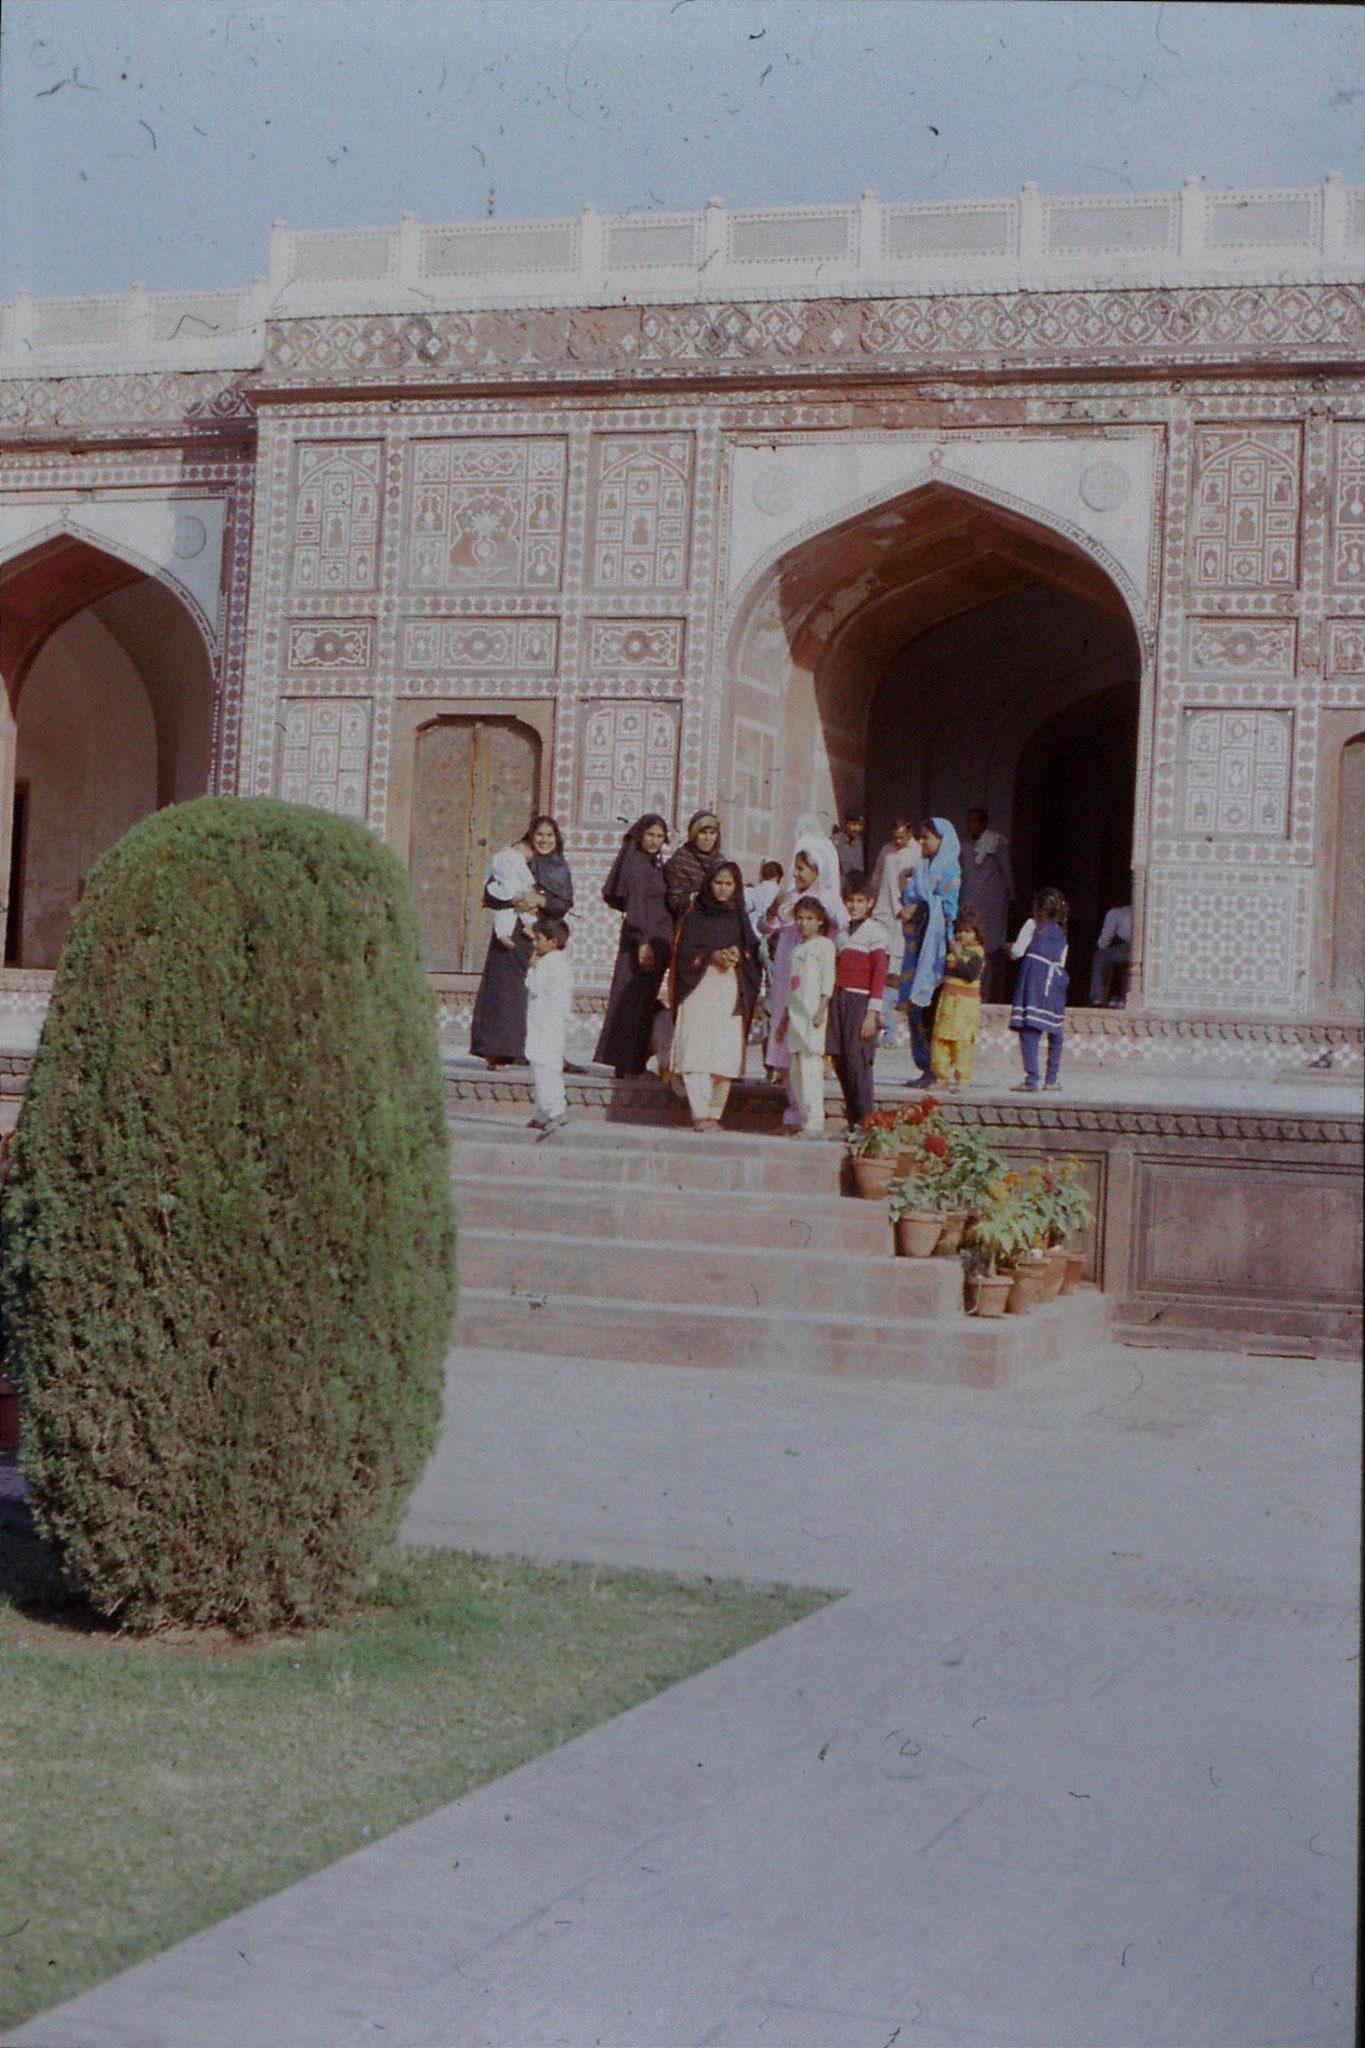 10/11/1989: Lahore, Jehangir's tomb